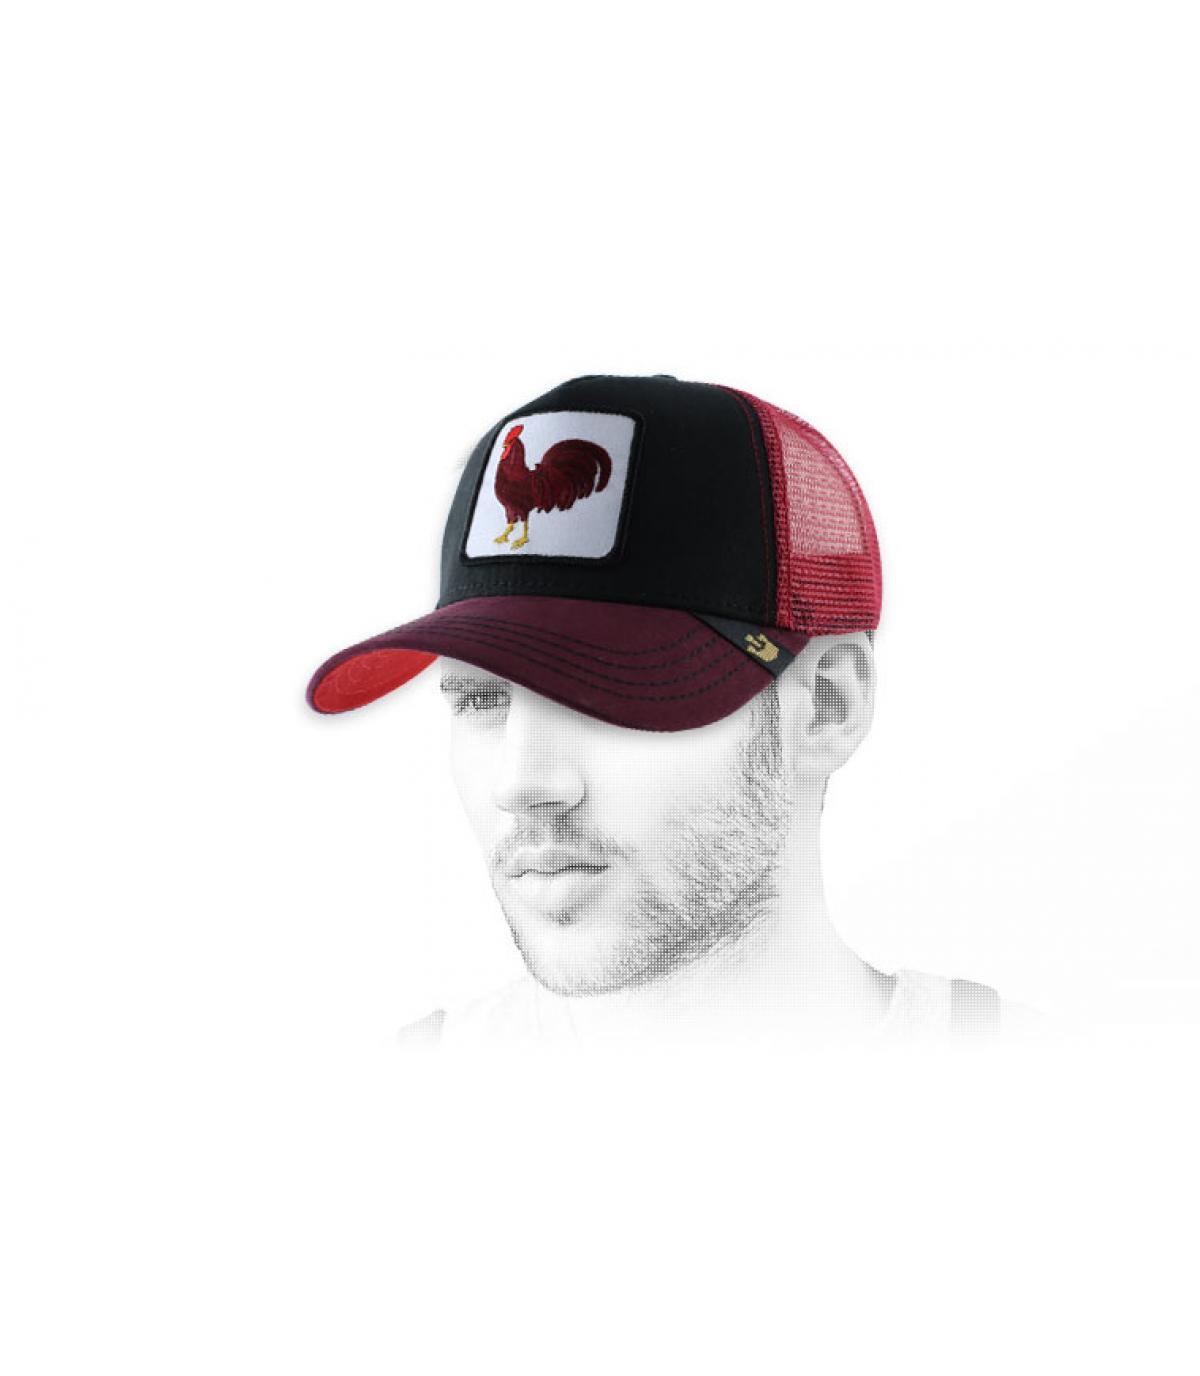 Goorin gorra gallo roja